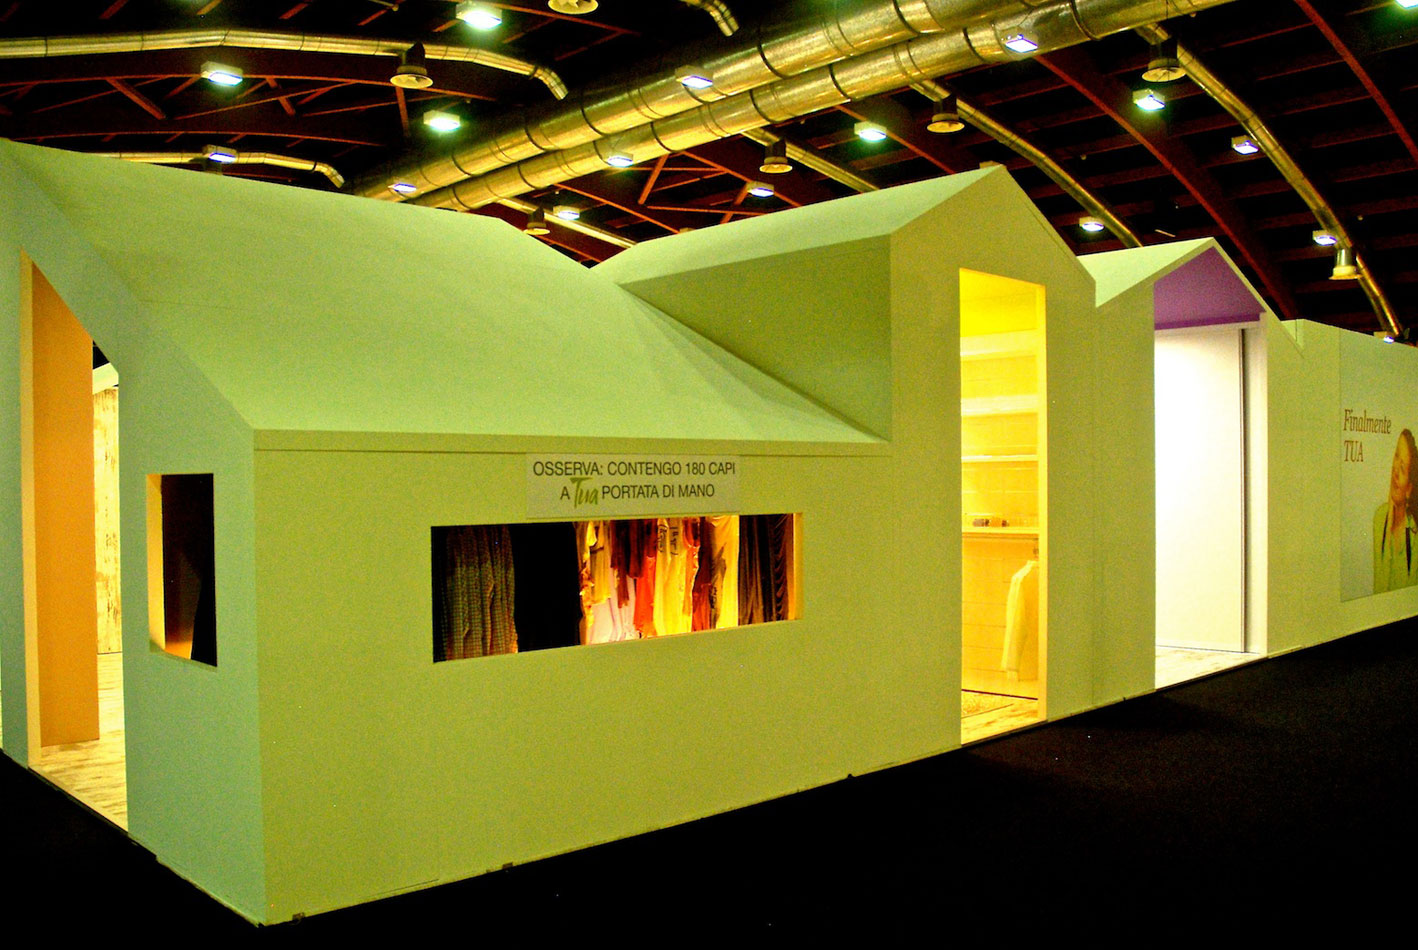 Tua la cabina armadio su misura for Fiera casa moderna udine